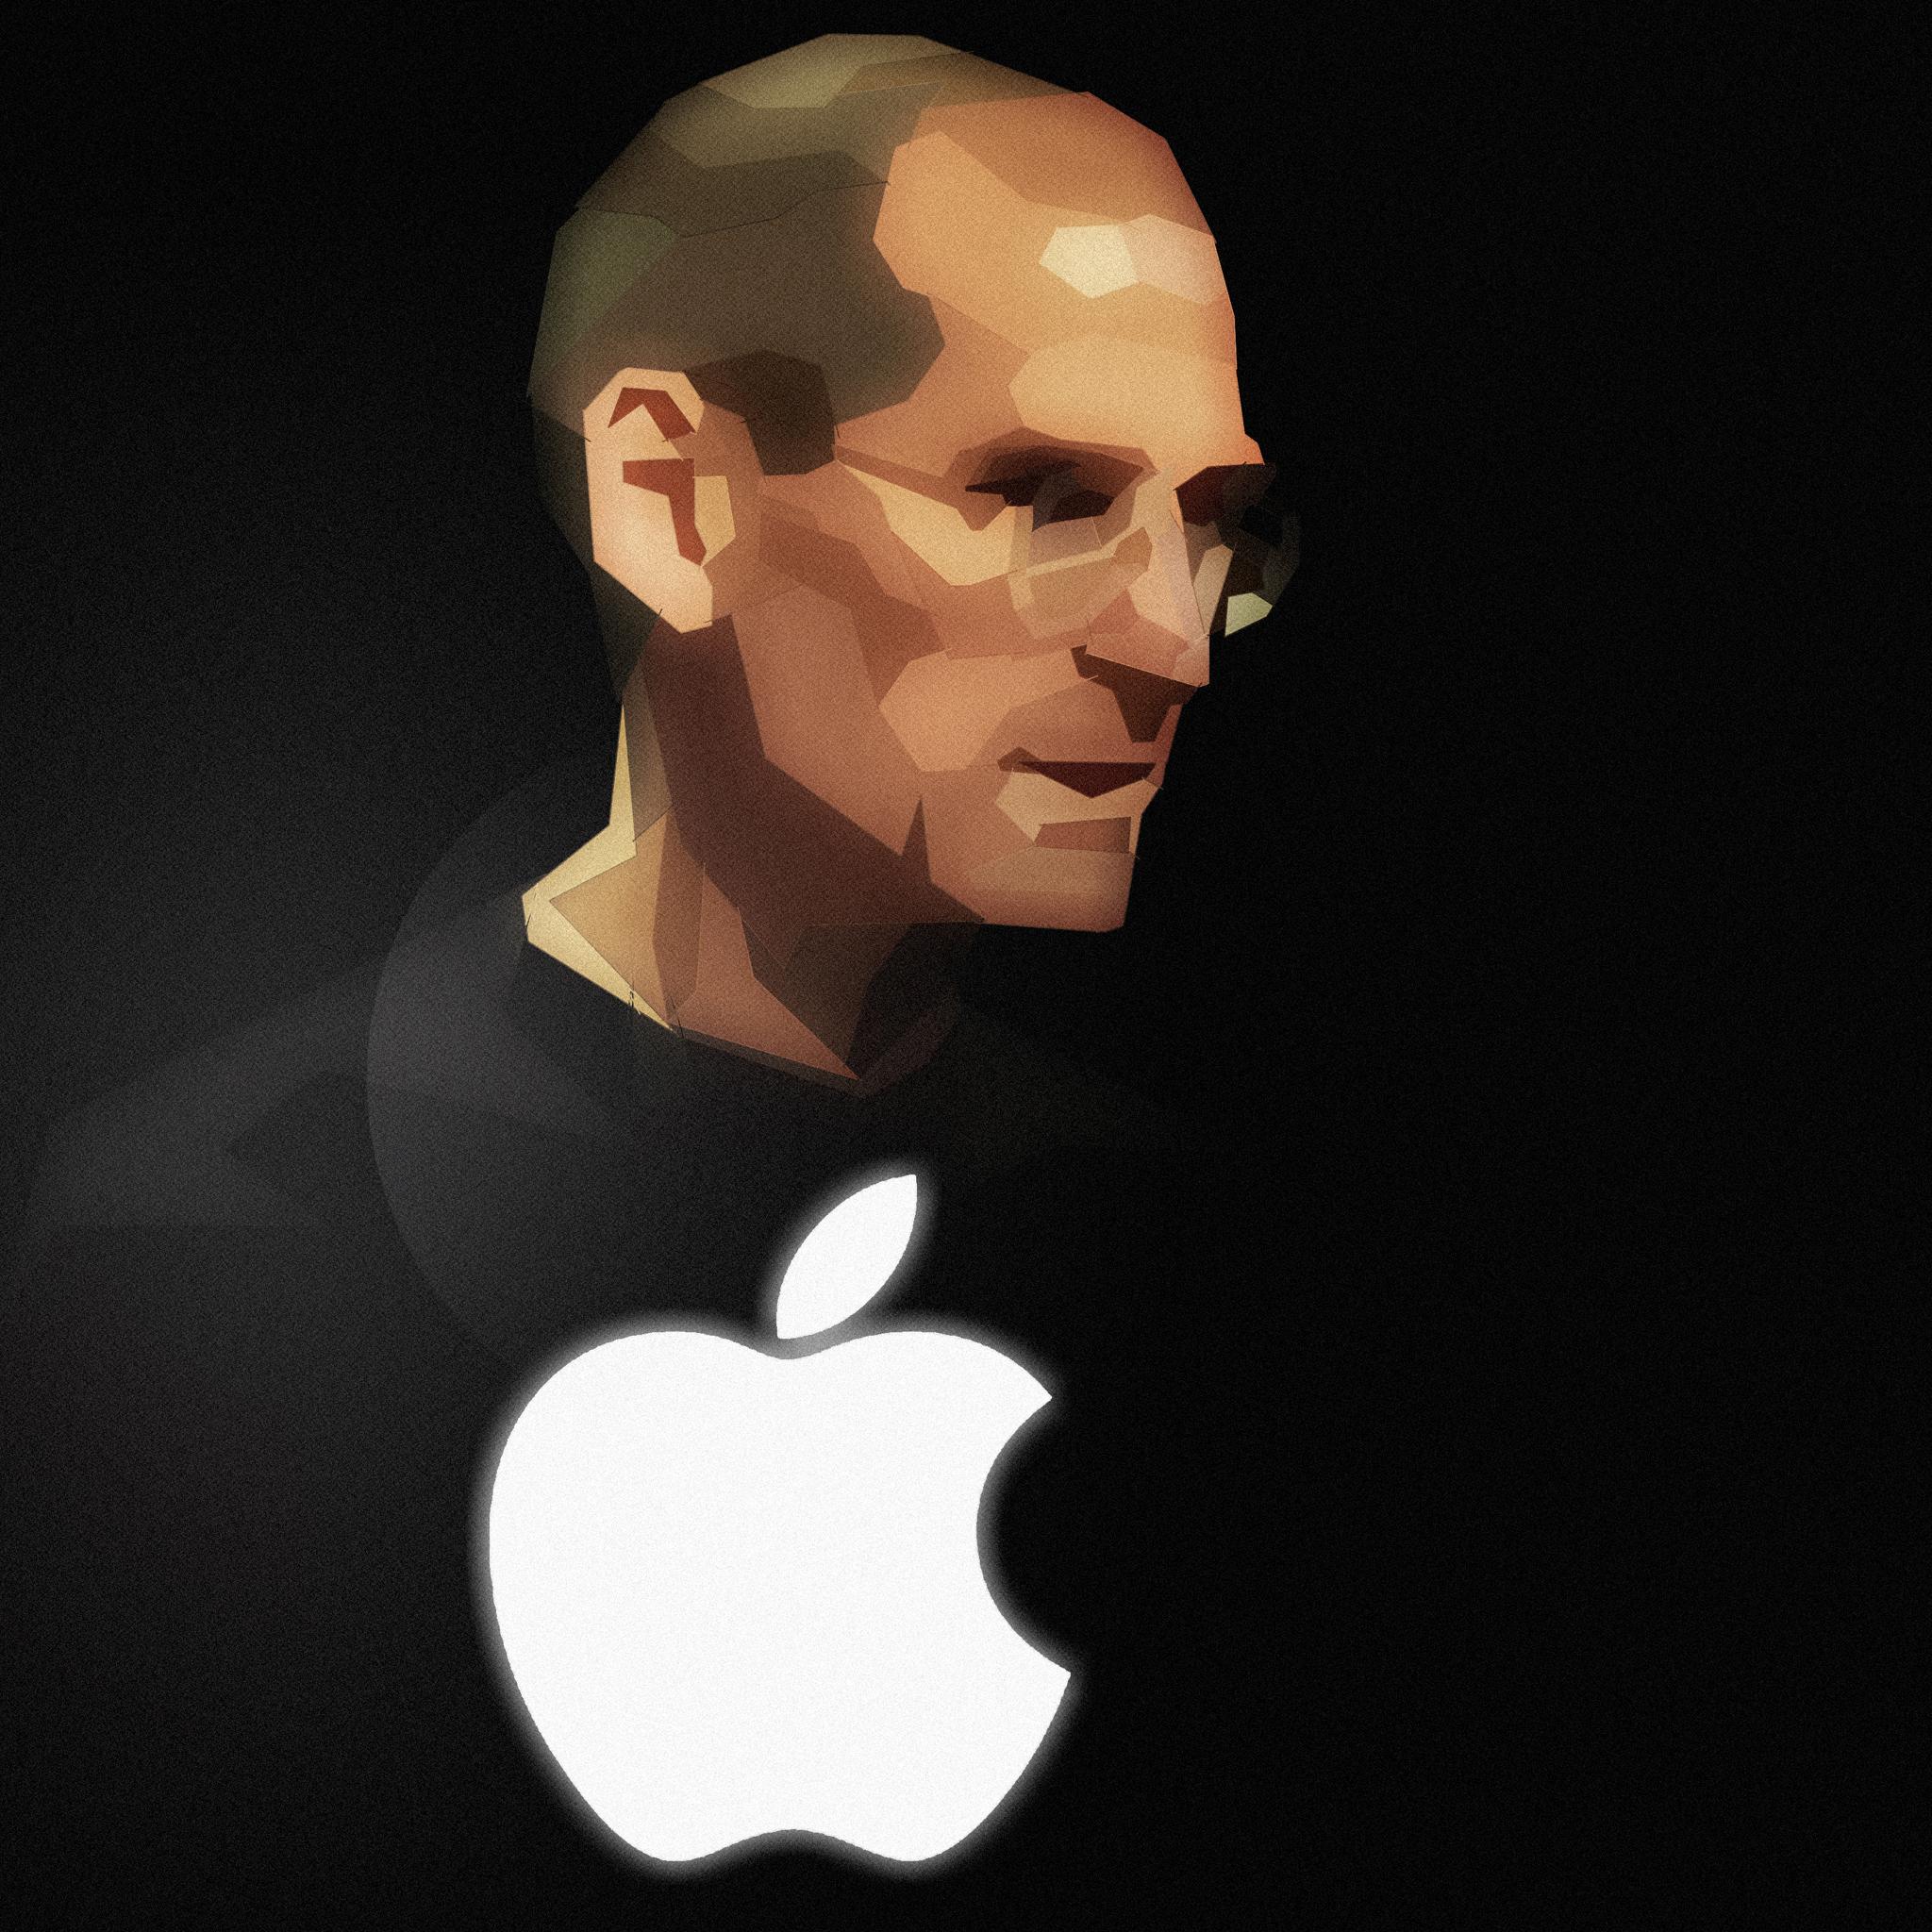 Steve Jobs Apple 3Wallpapers iPad Steve Jobs Apple   iPad